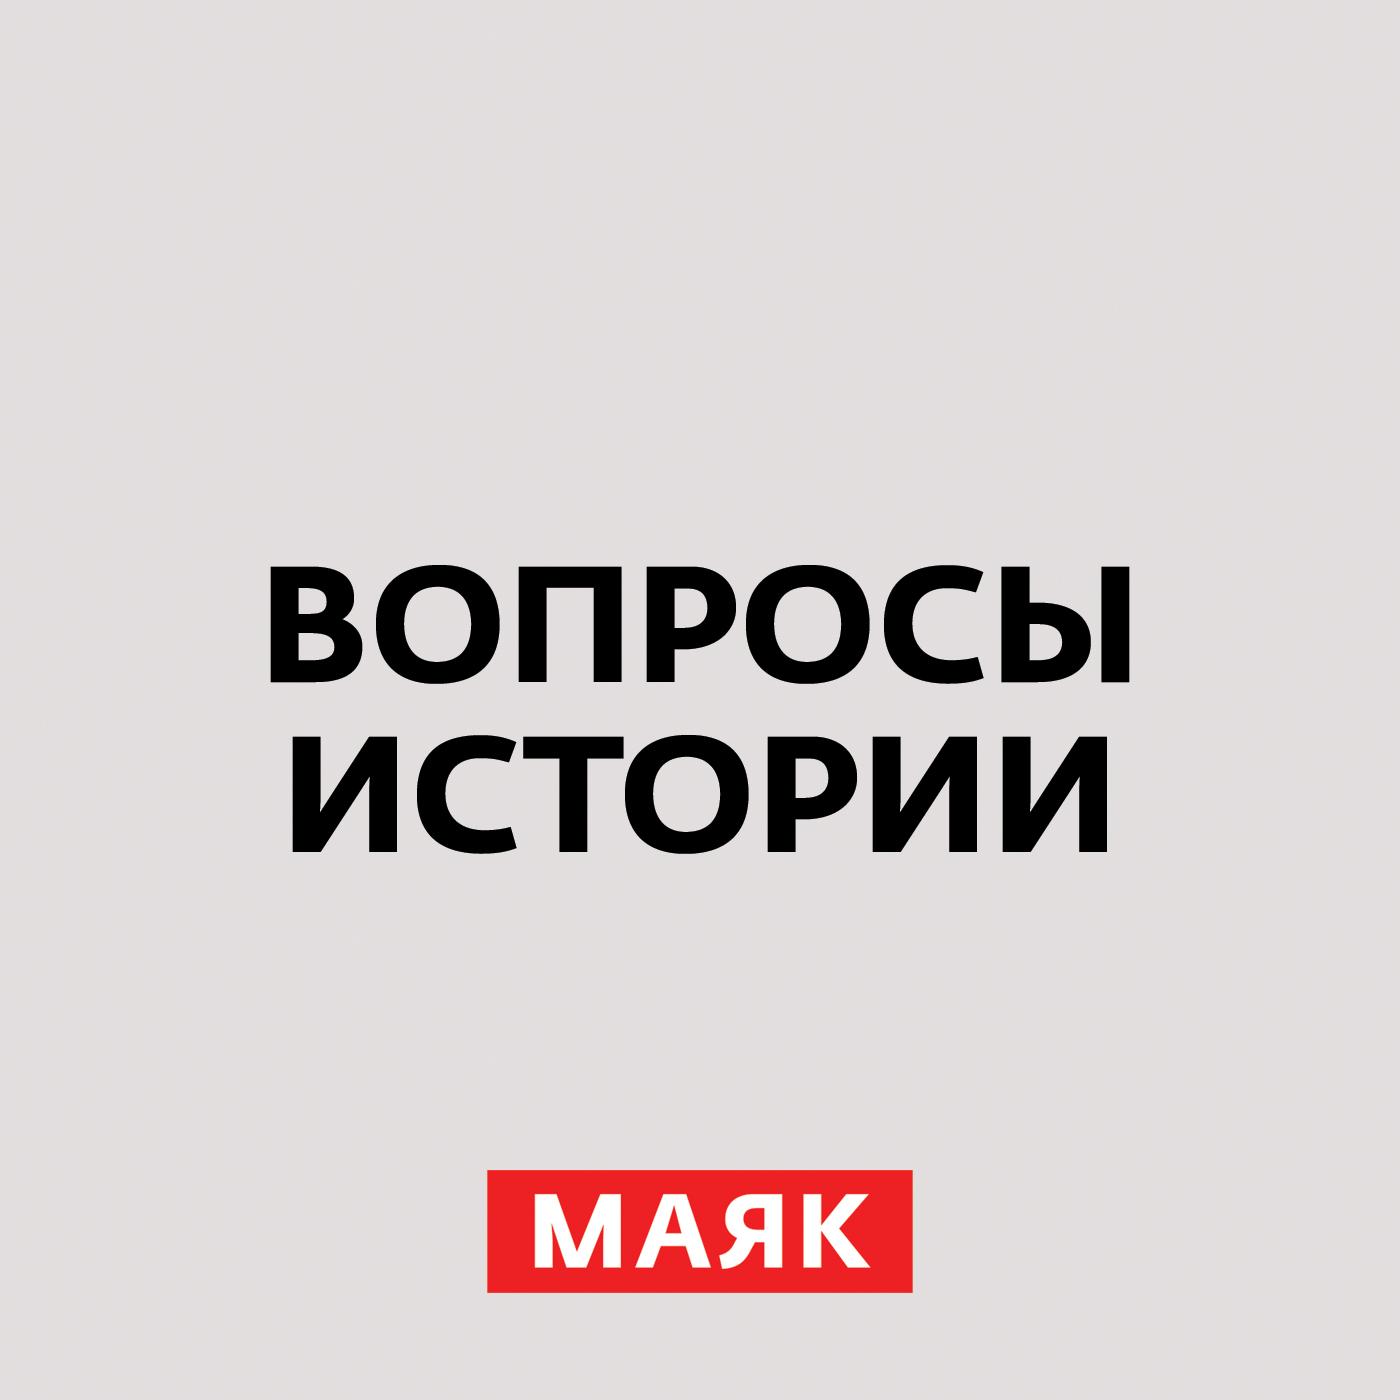 Андрей Светенко В начале 50-х Сталин явно сдал, но сдаваться не собирался. Часть 1 андрей светенко ленд лиз в годы вов мифы и реальность